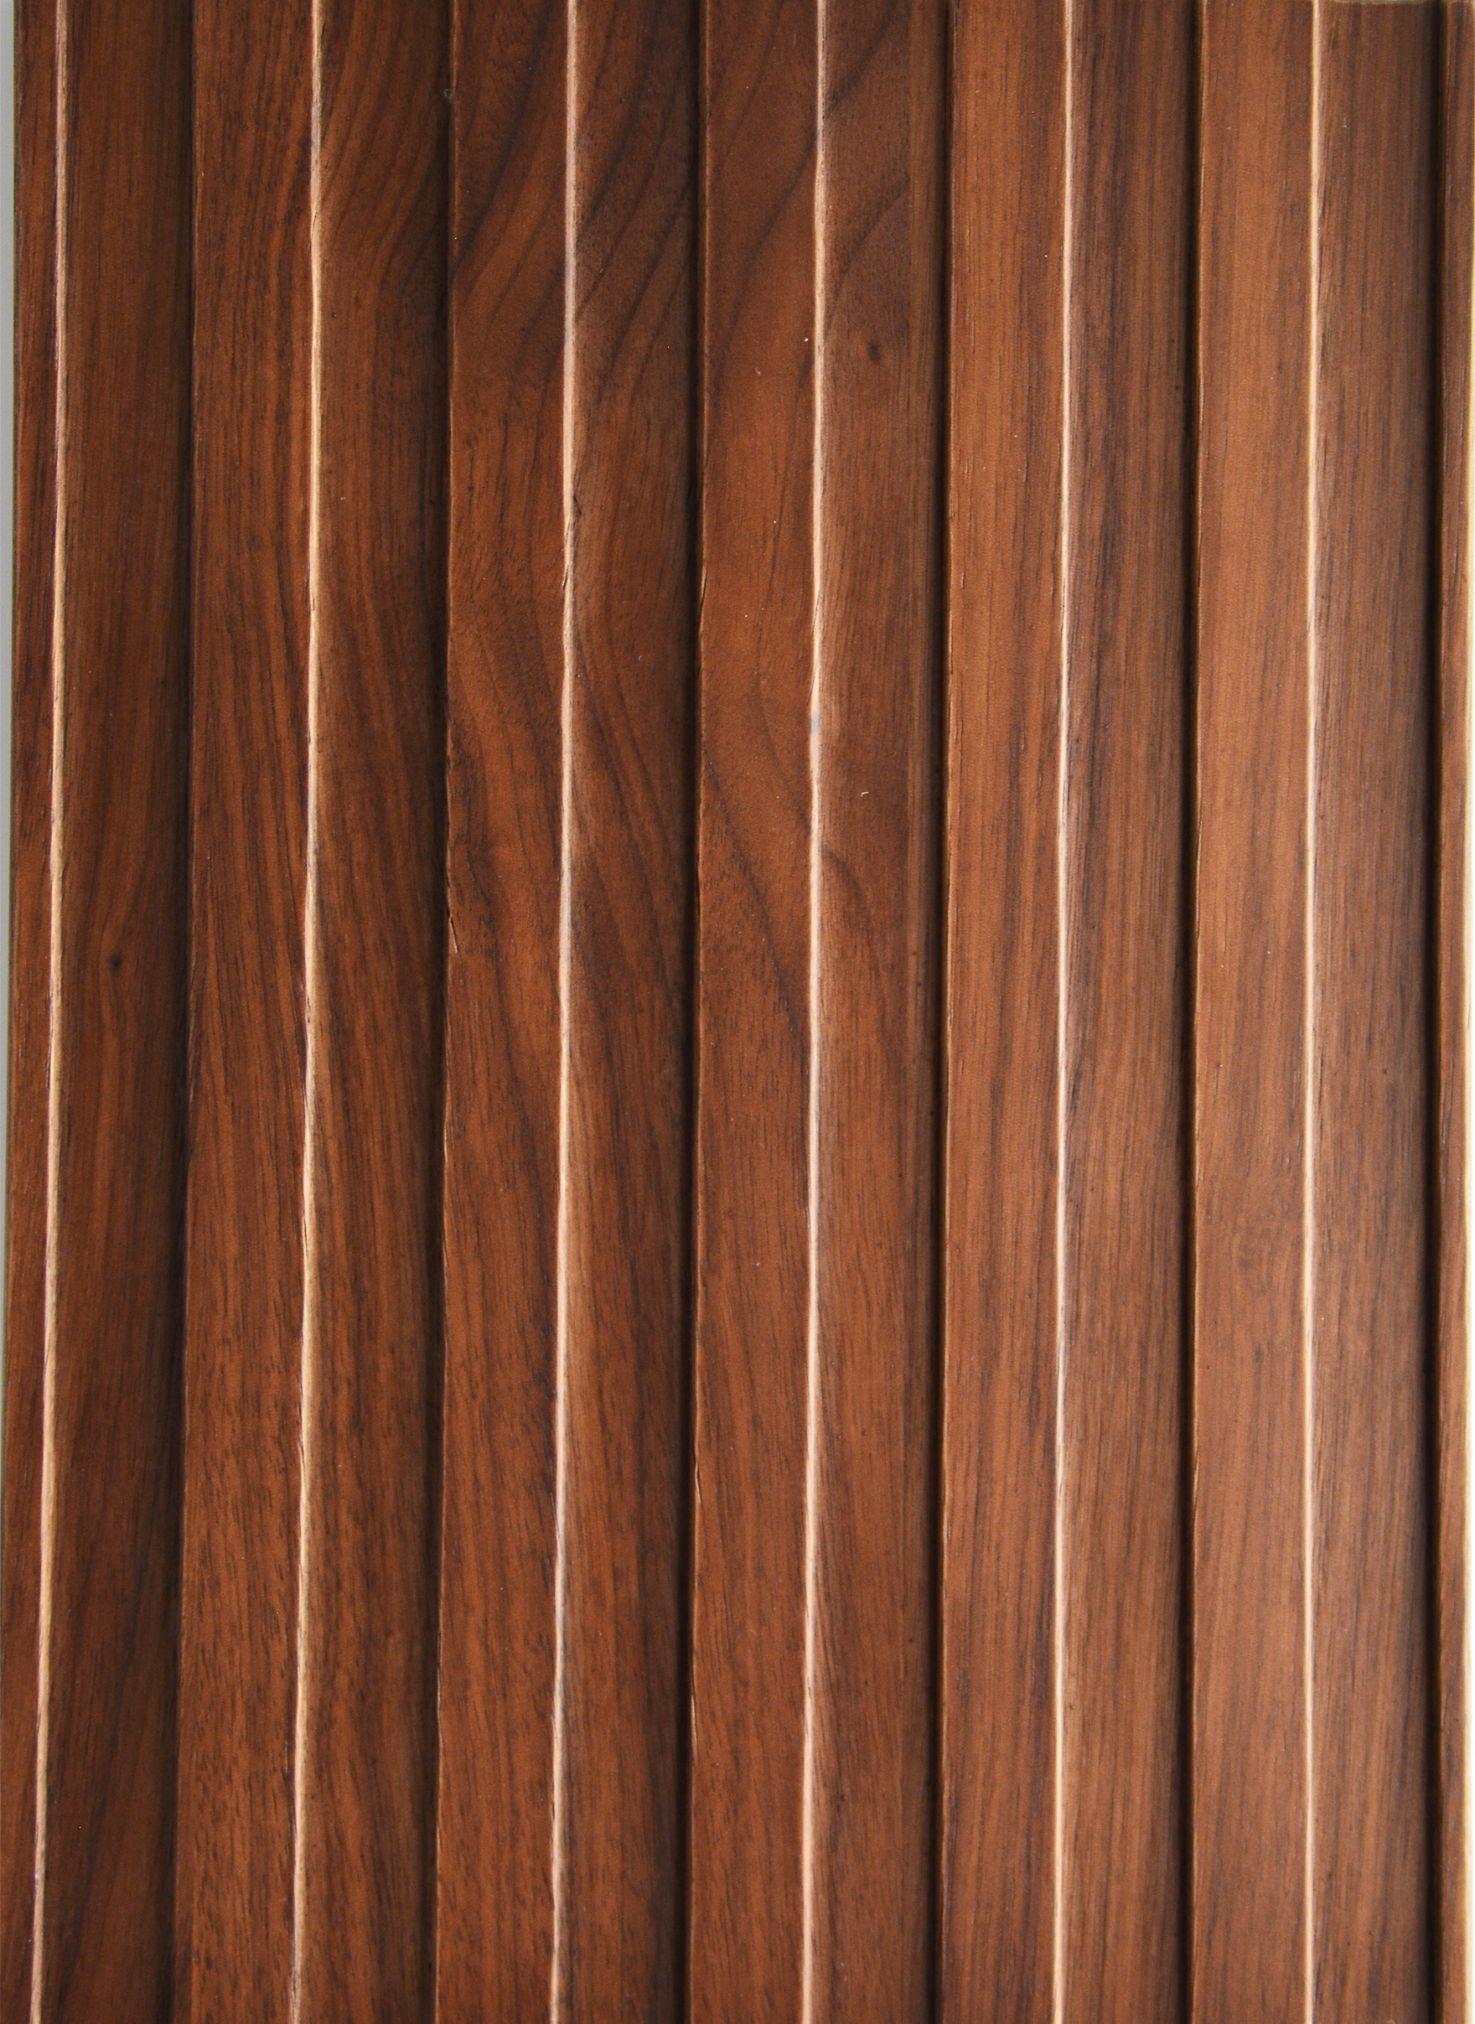 2643 - Straight - Kernnussbaum - Echtholzfurnier